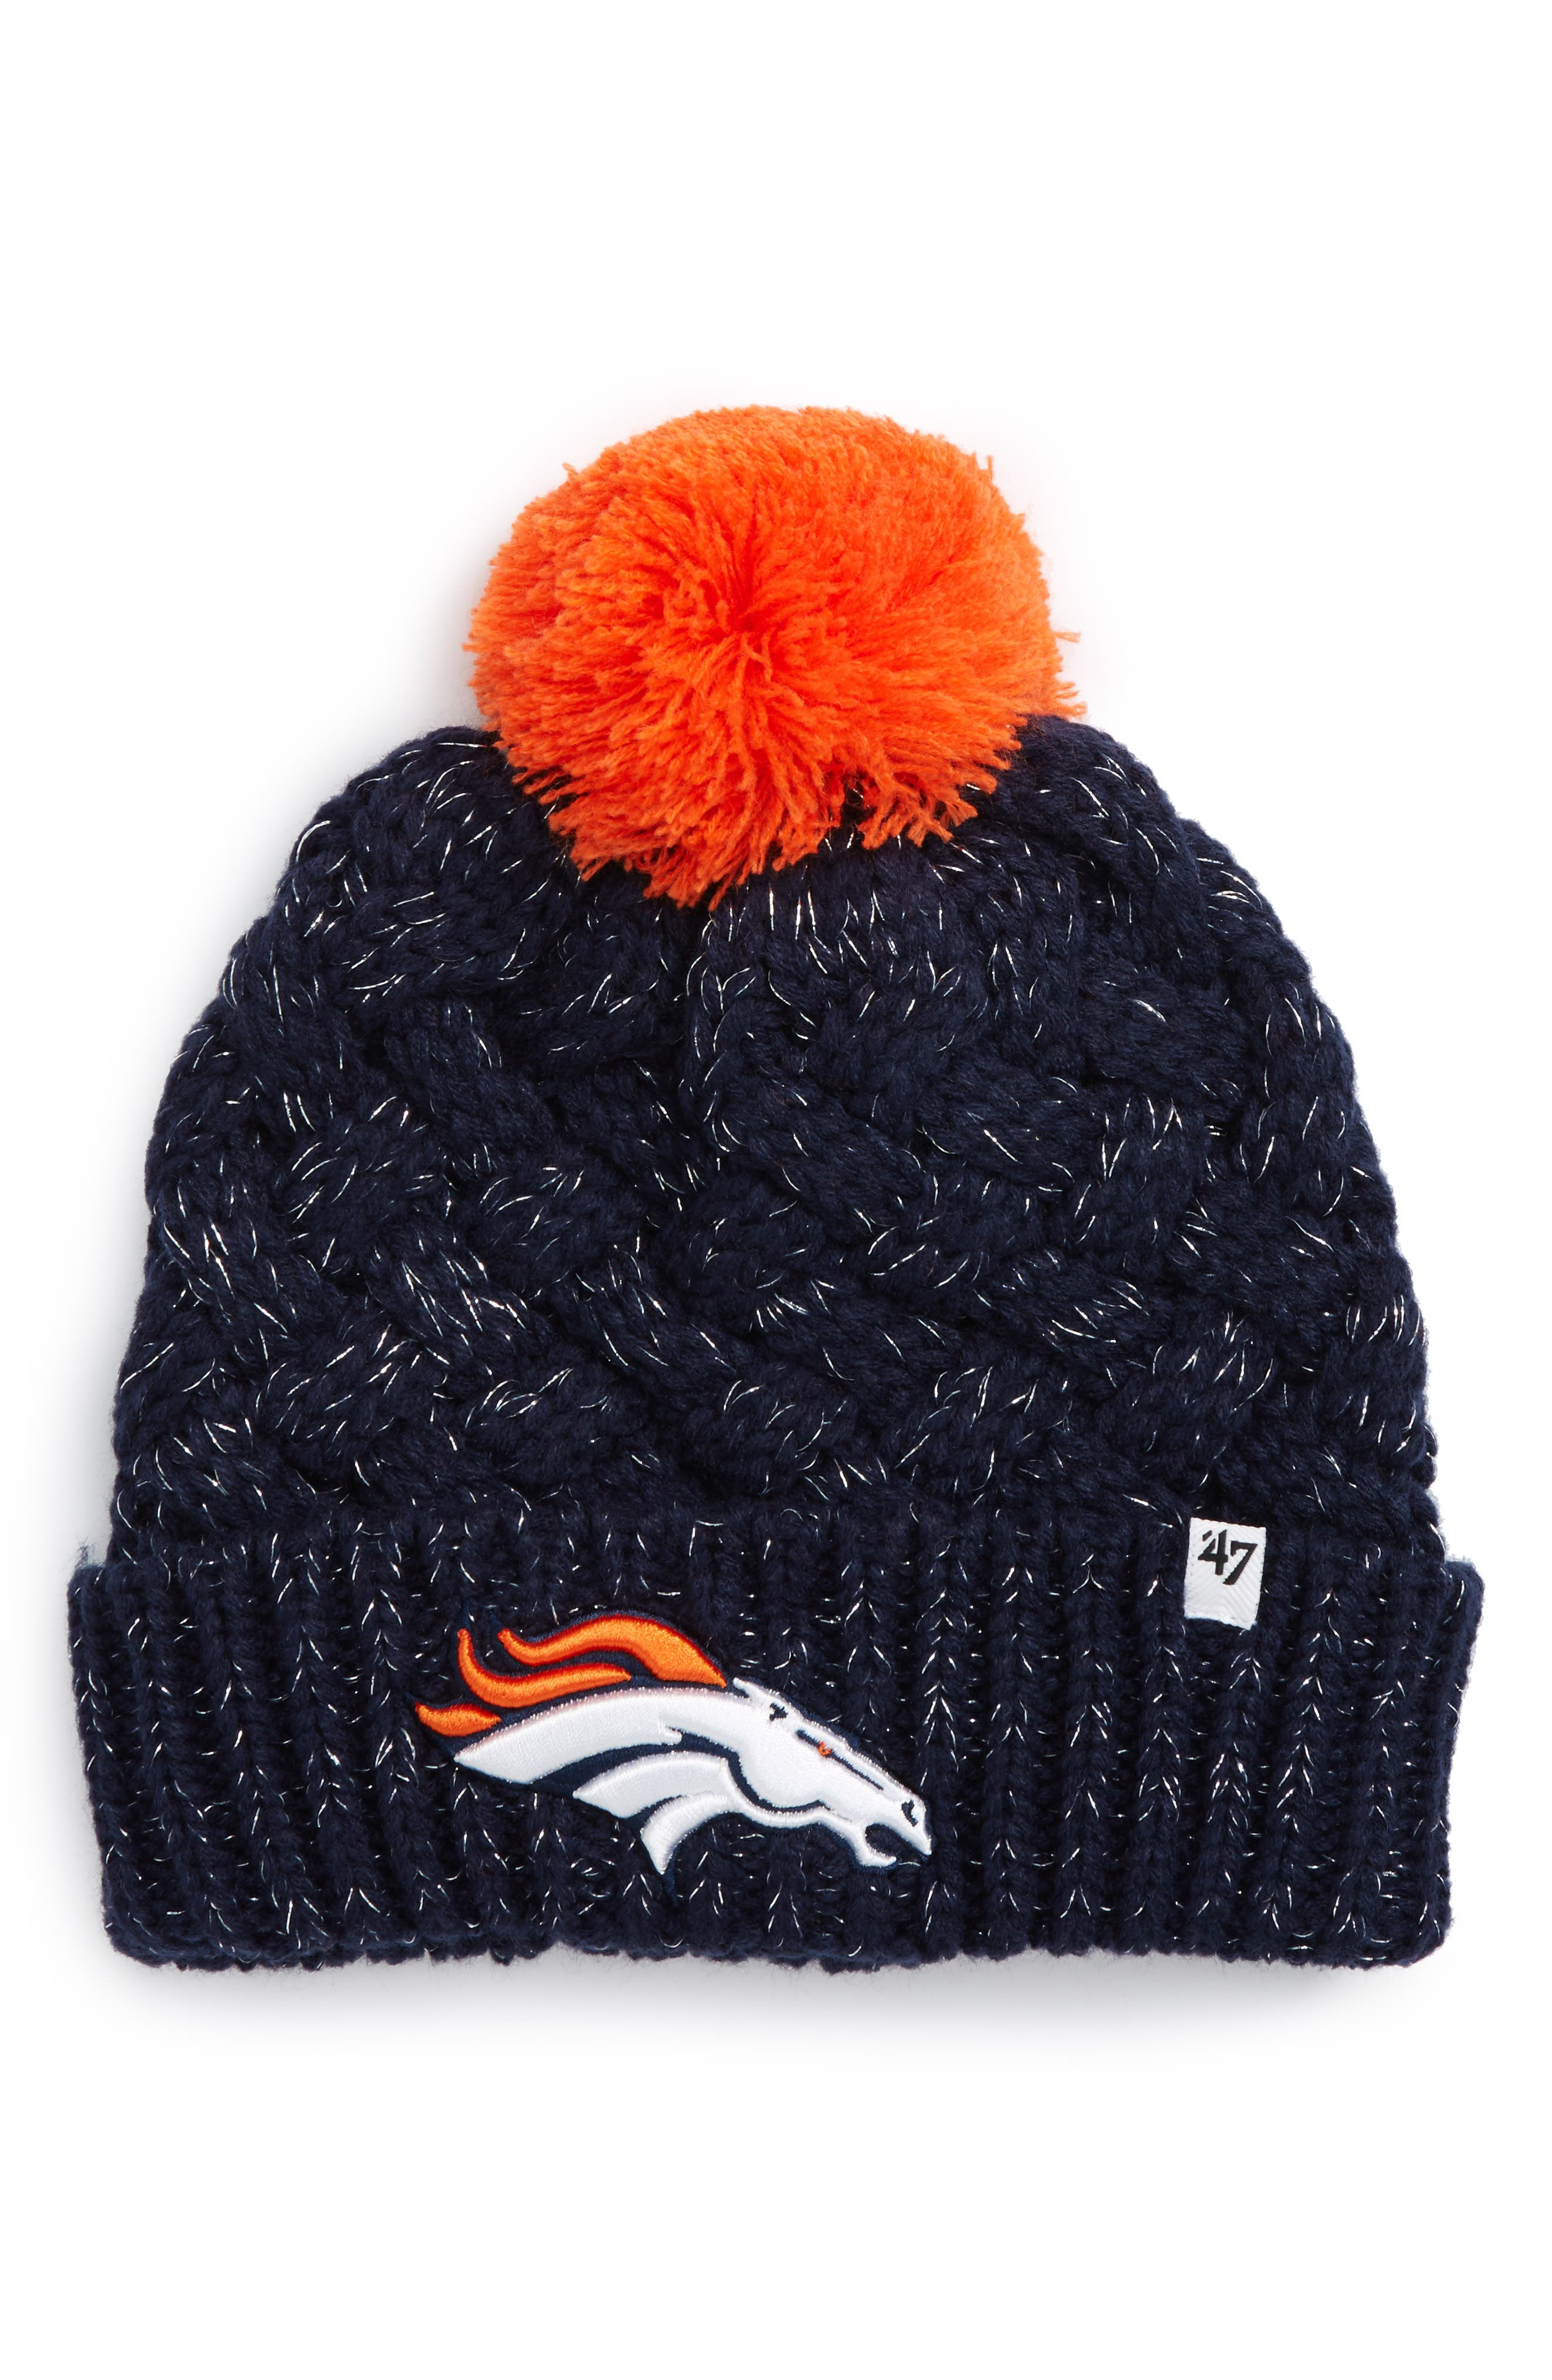 Fiona Denver Broncos Pom Beanie,                             Main thumbnail 1, color,                             410